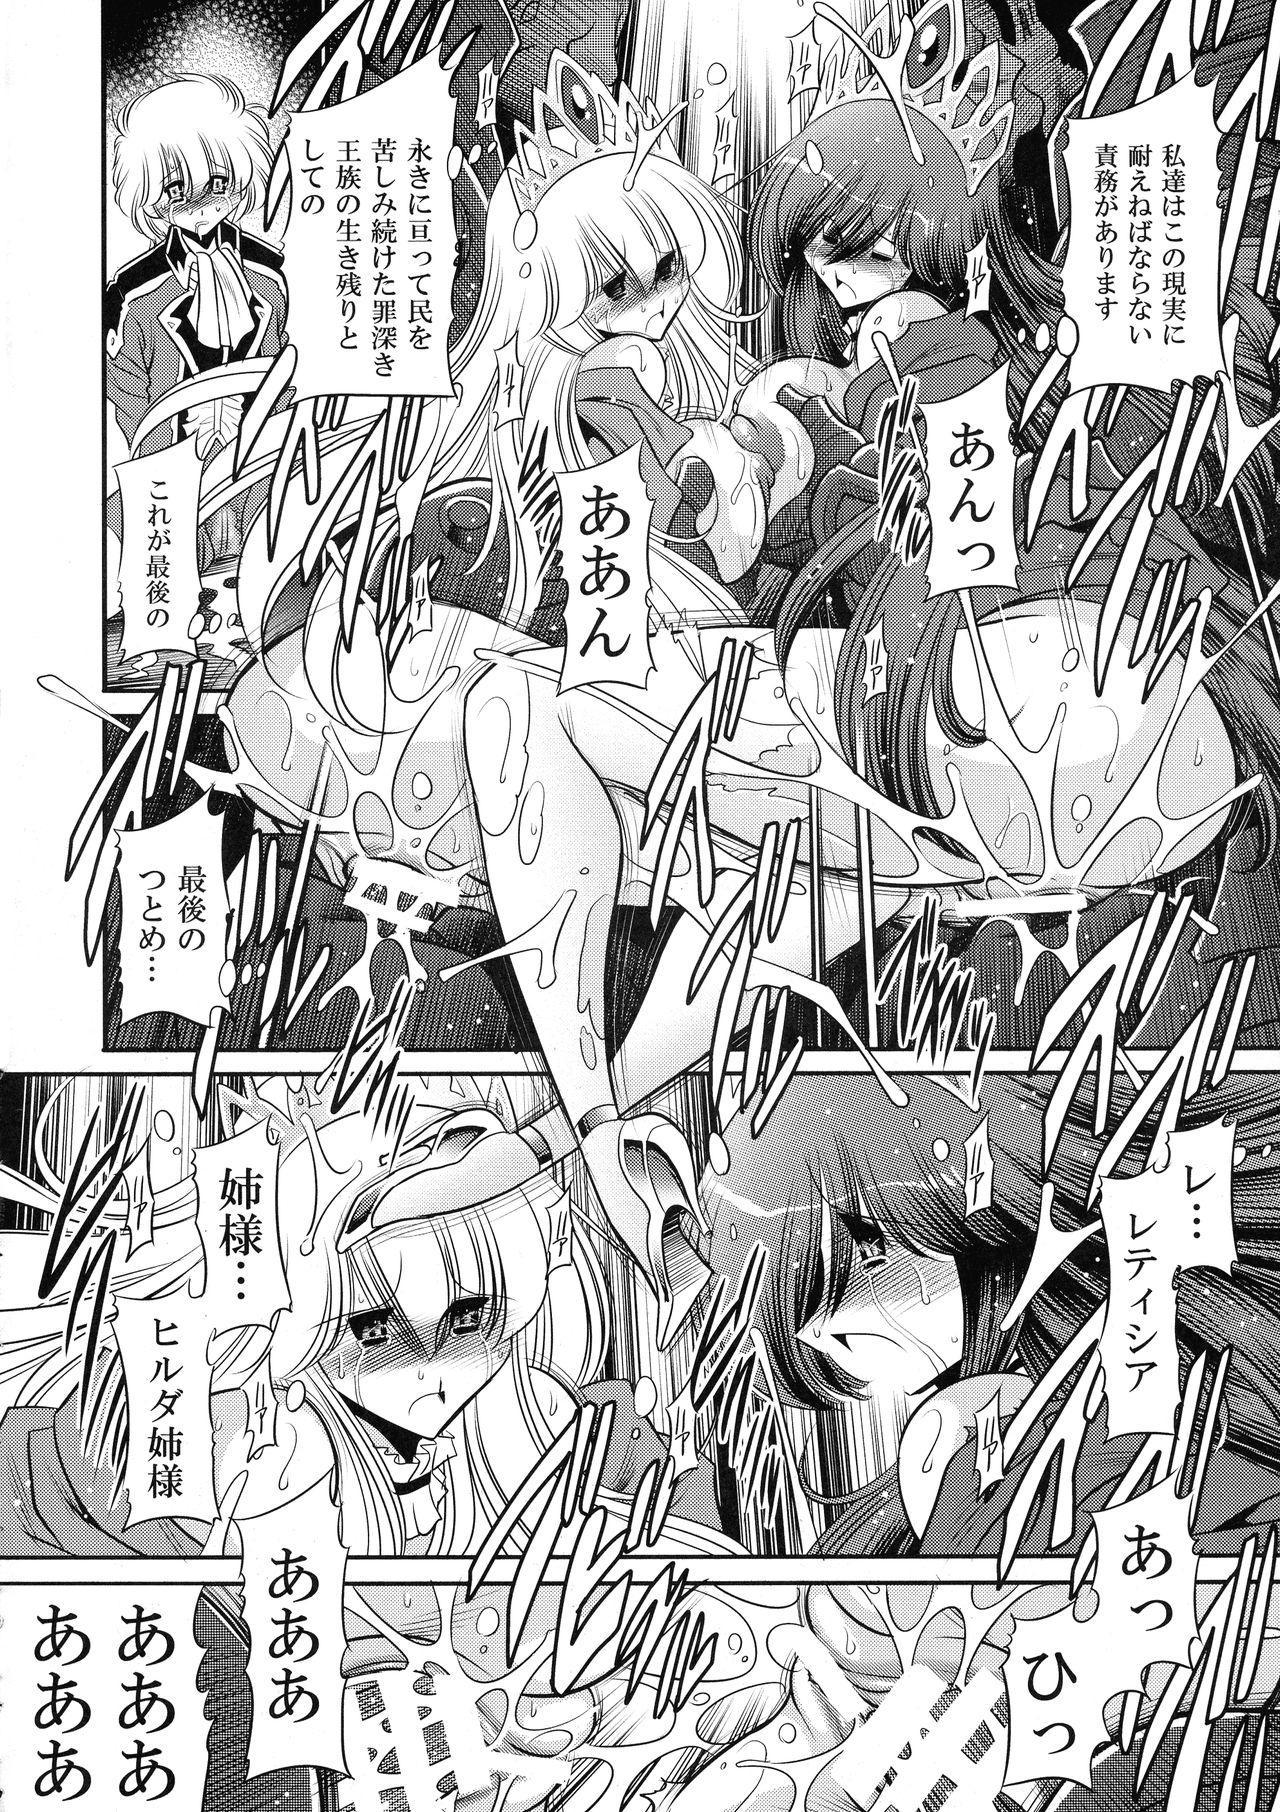 Ochibure Hime Joukan 53